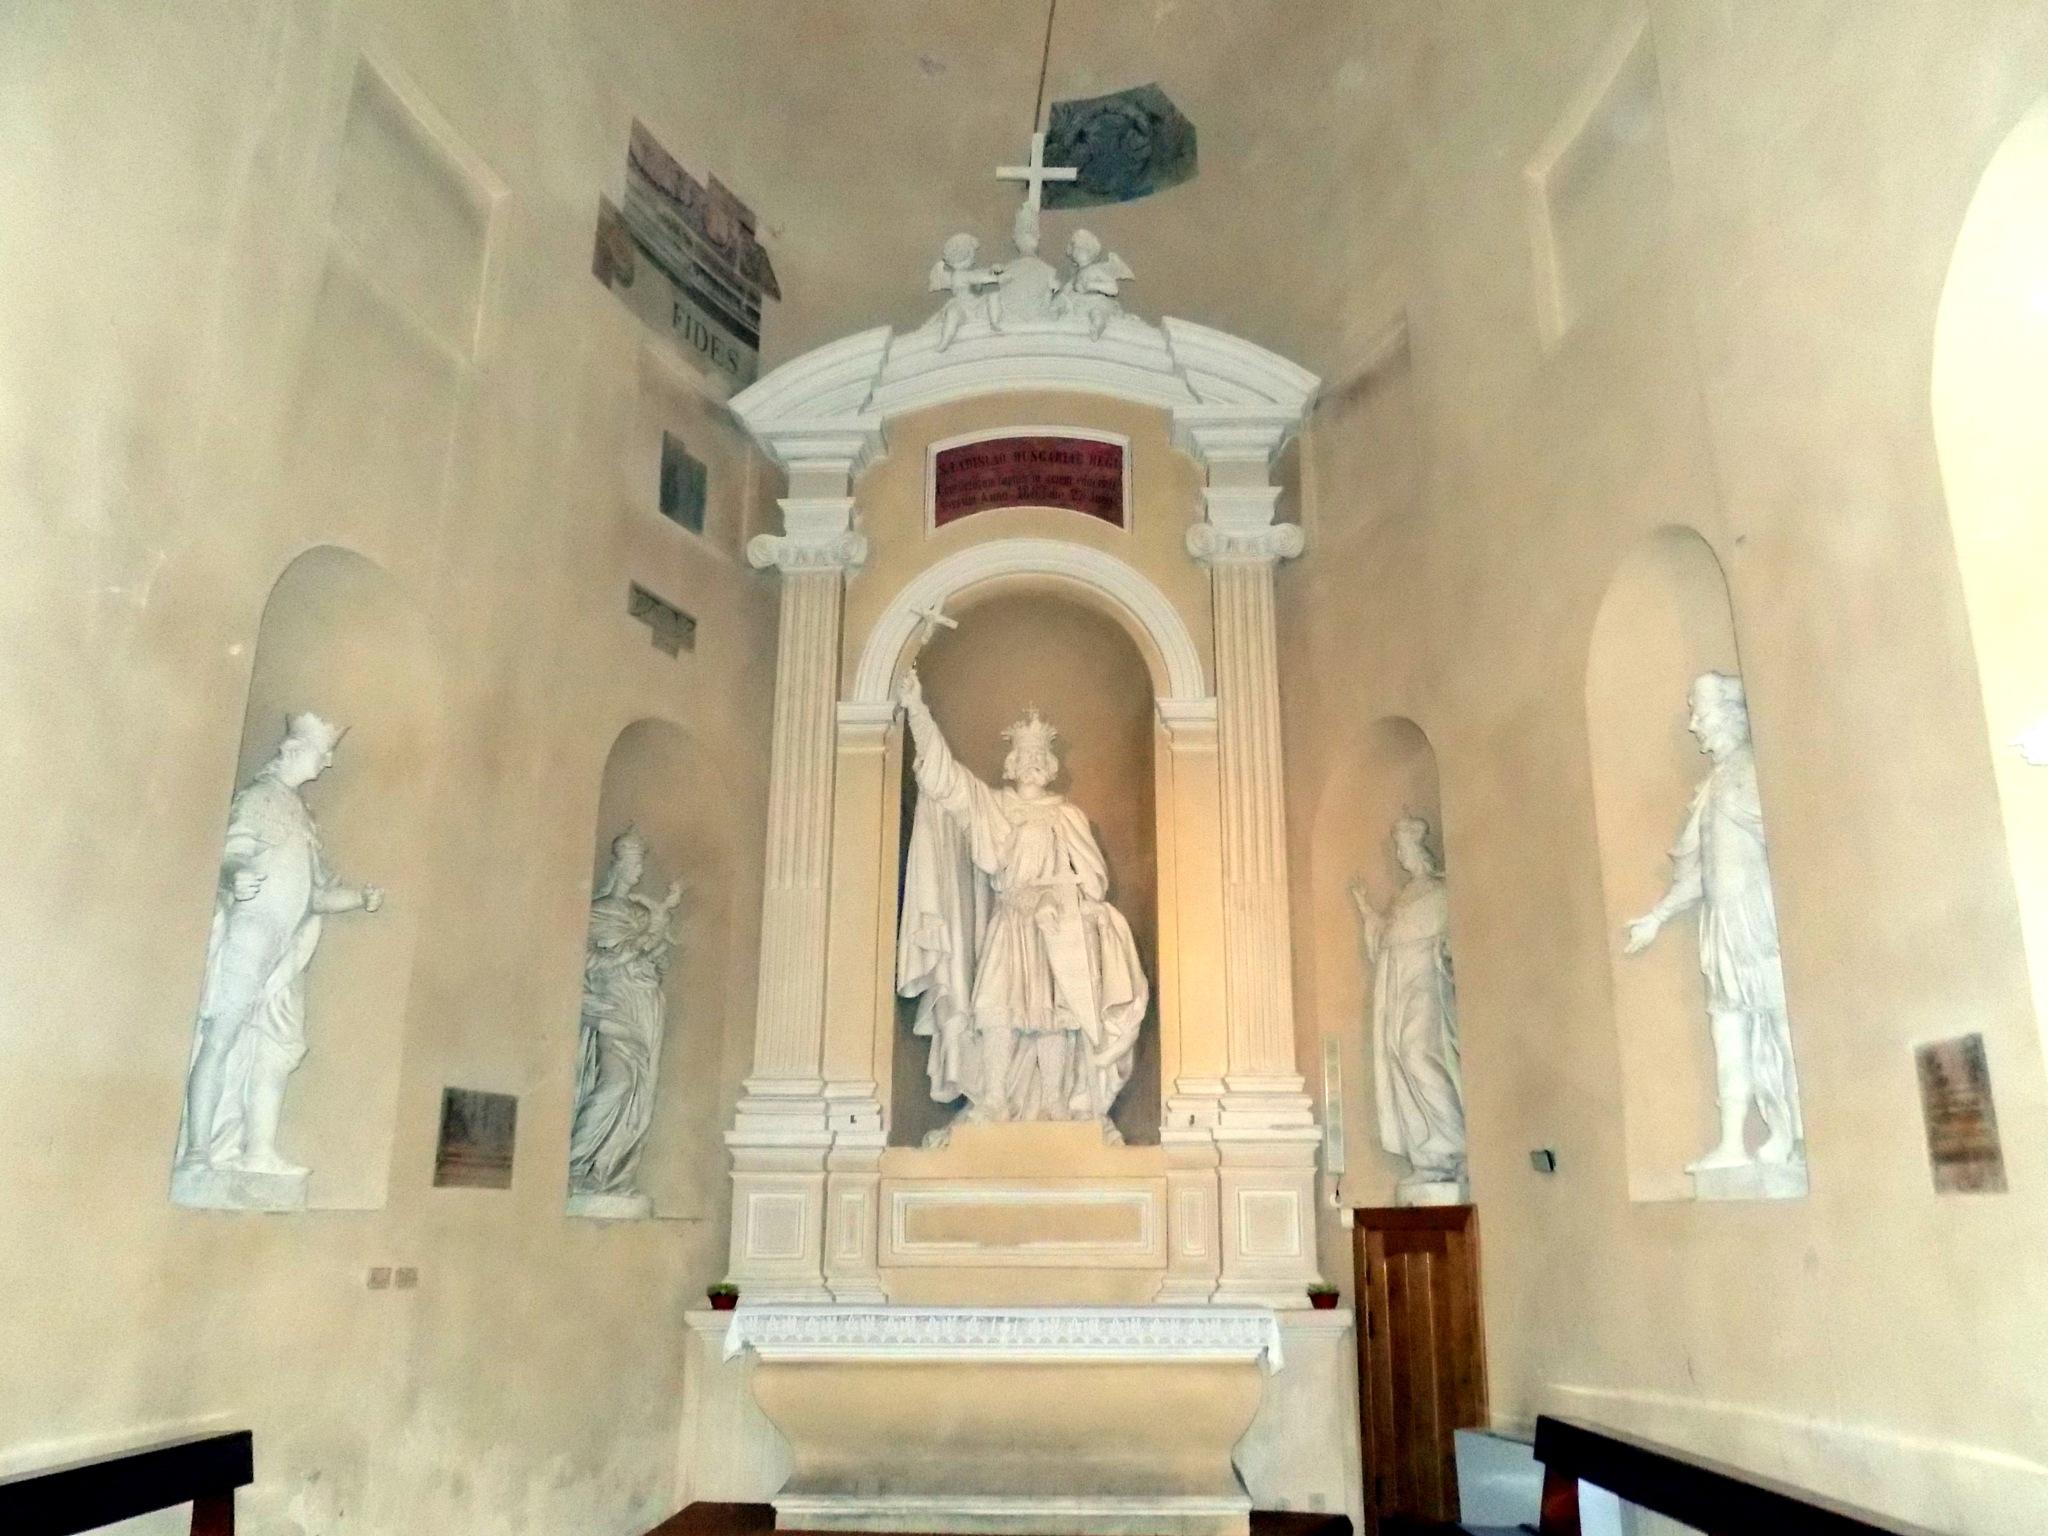 In the church. by uzkuraitiene62